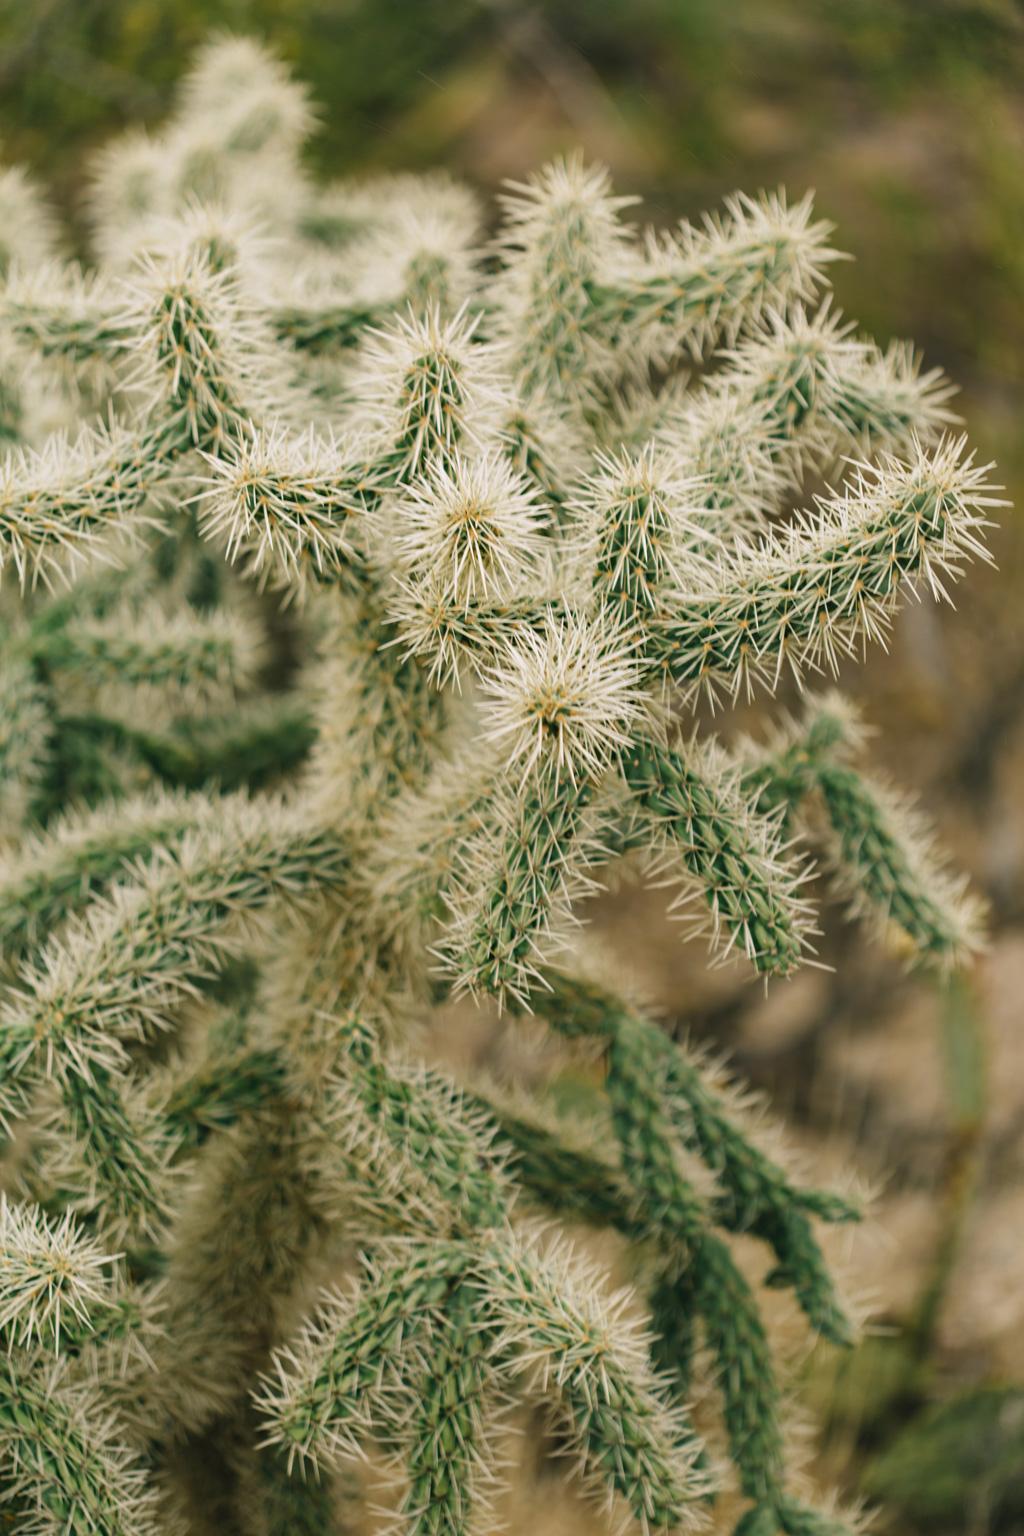 CindyGiovagnoli_Saguaro_National_Park_Arizona_desert_cactus_bloom_flowers-011.jpg